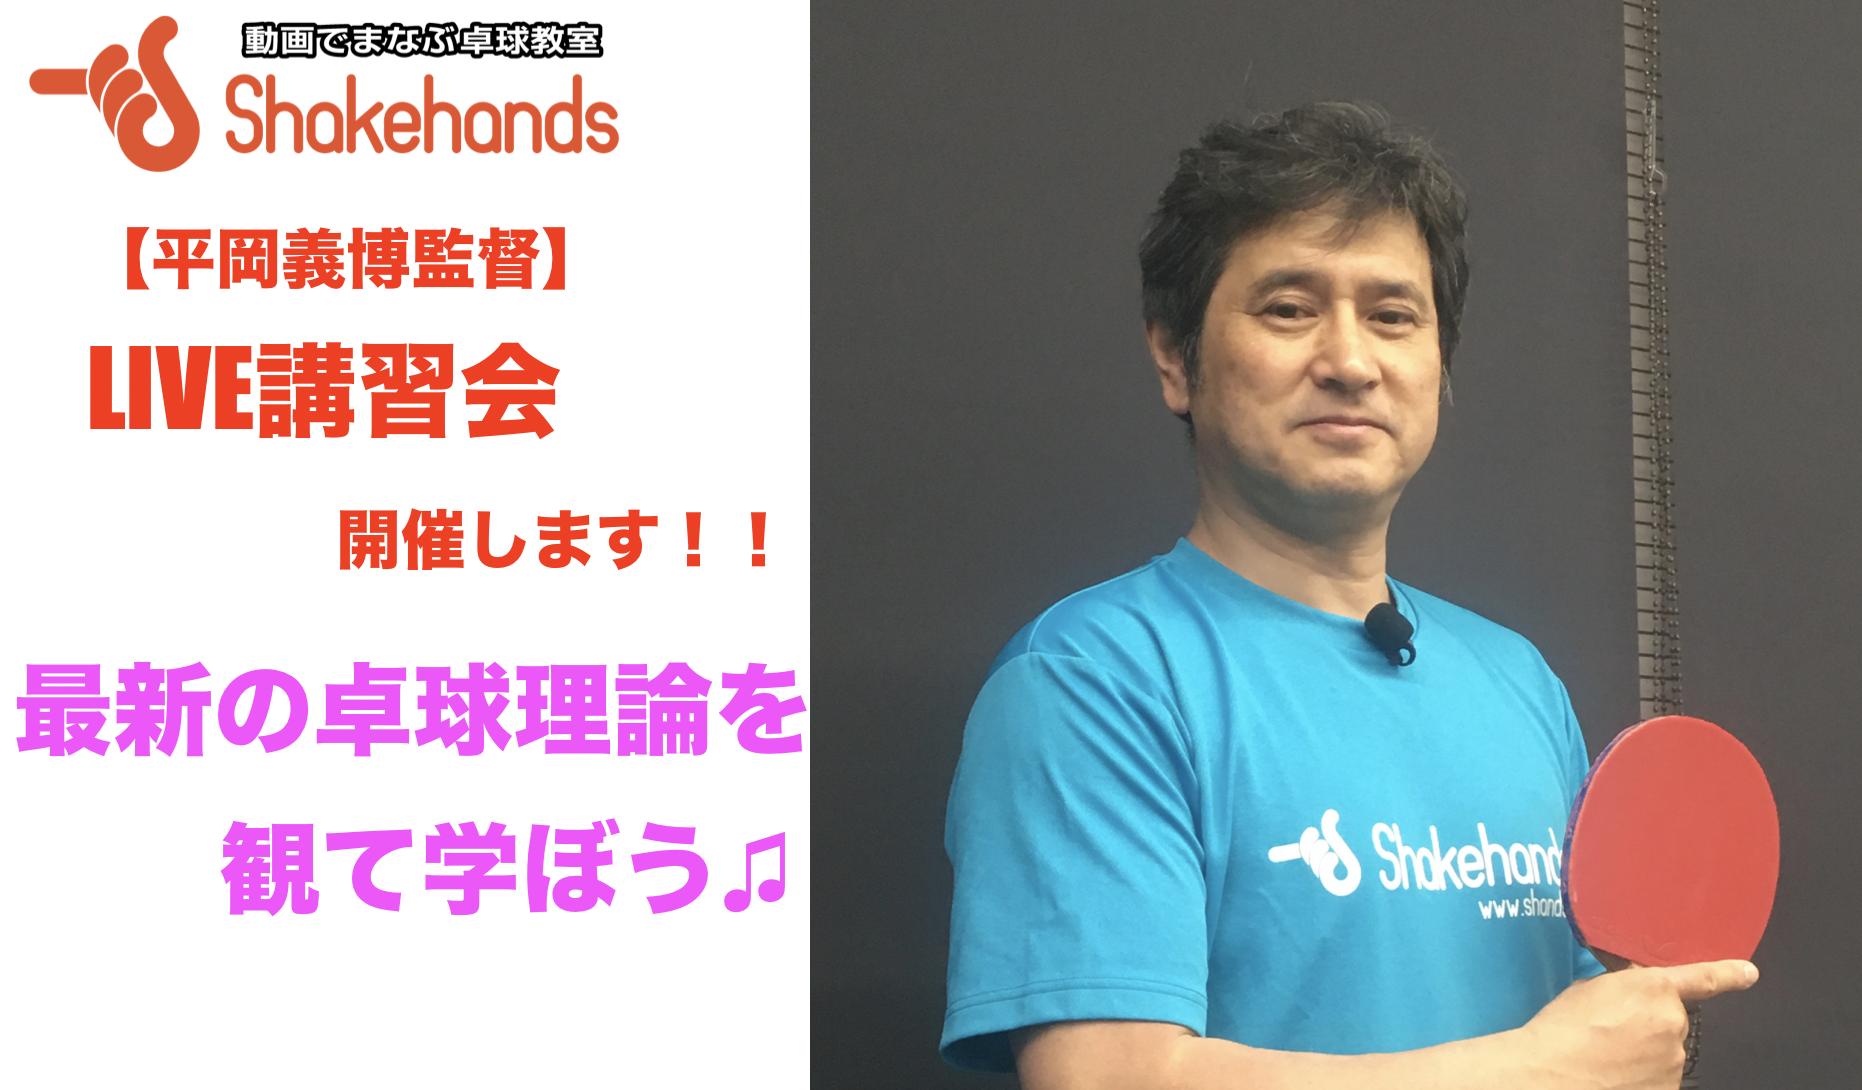 【緊急開催】平岡ライブ講習会。 最新の卓球指導見せます!